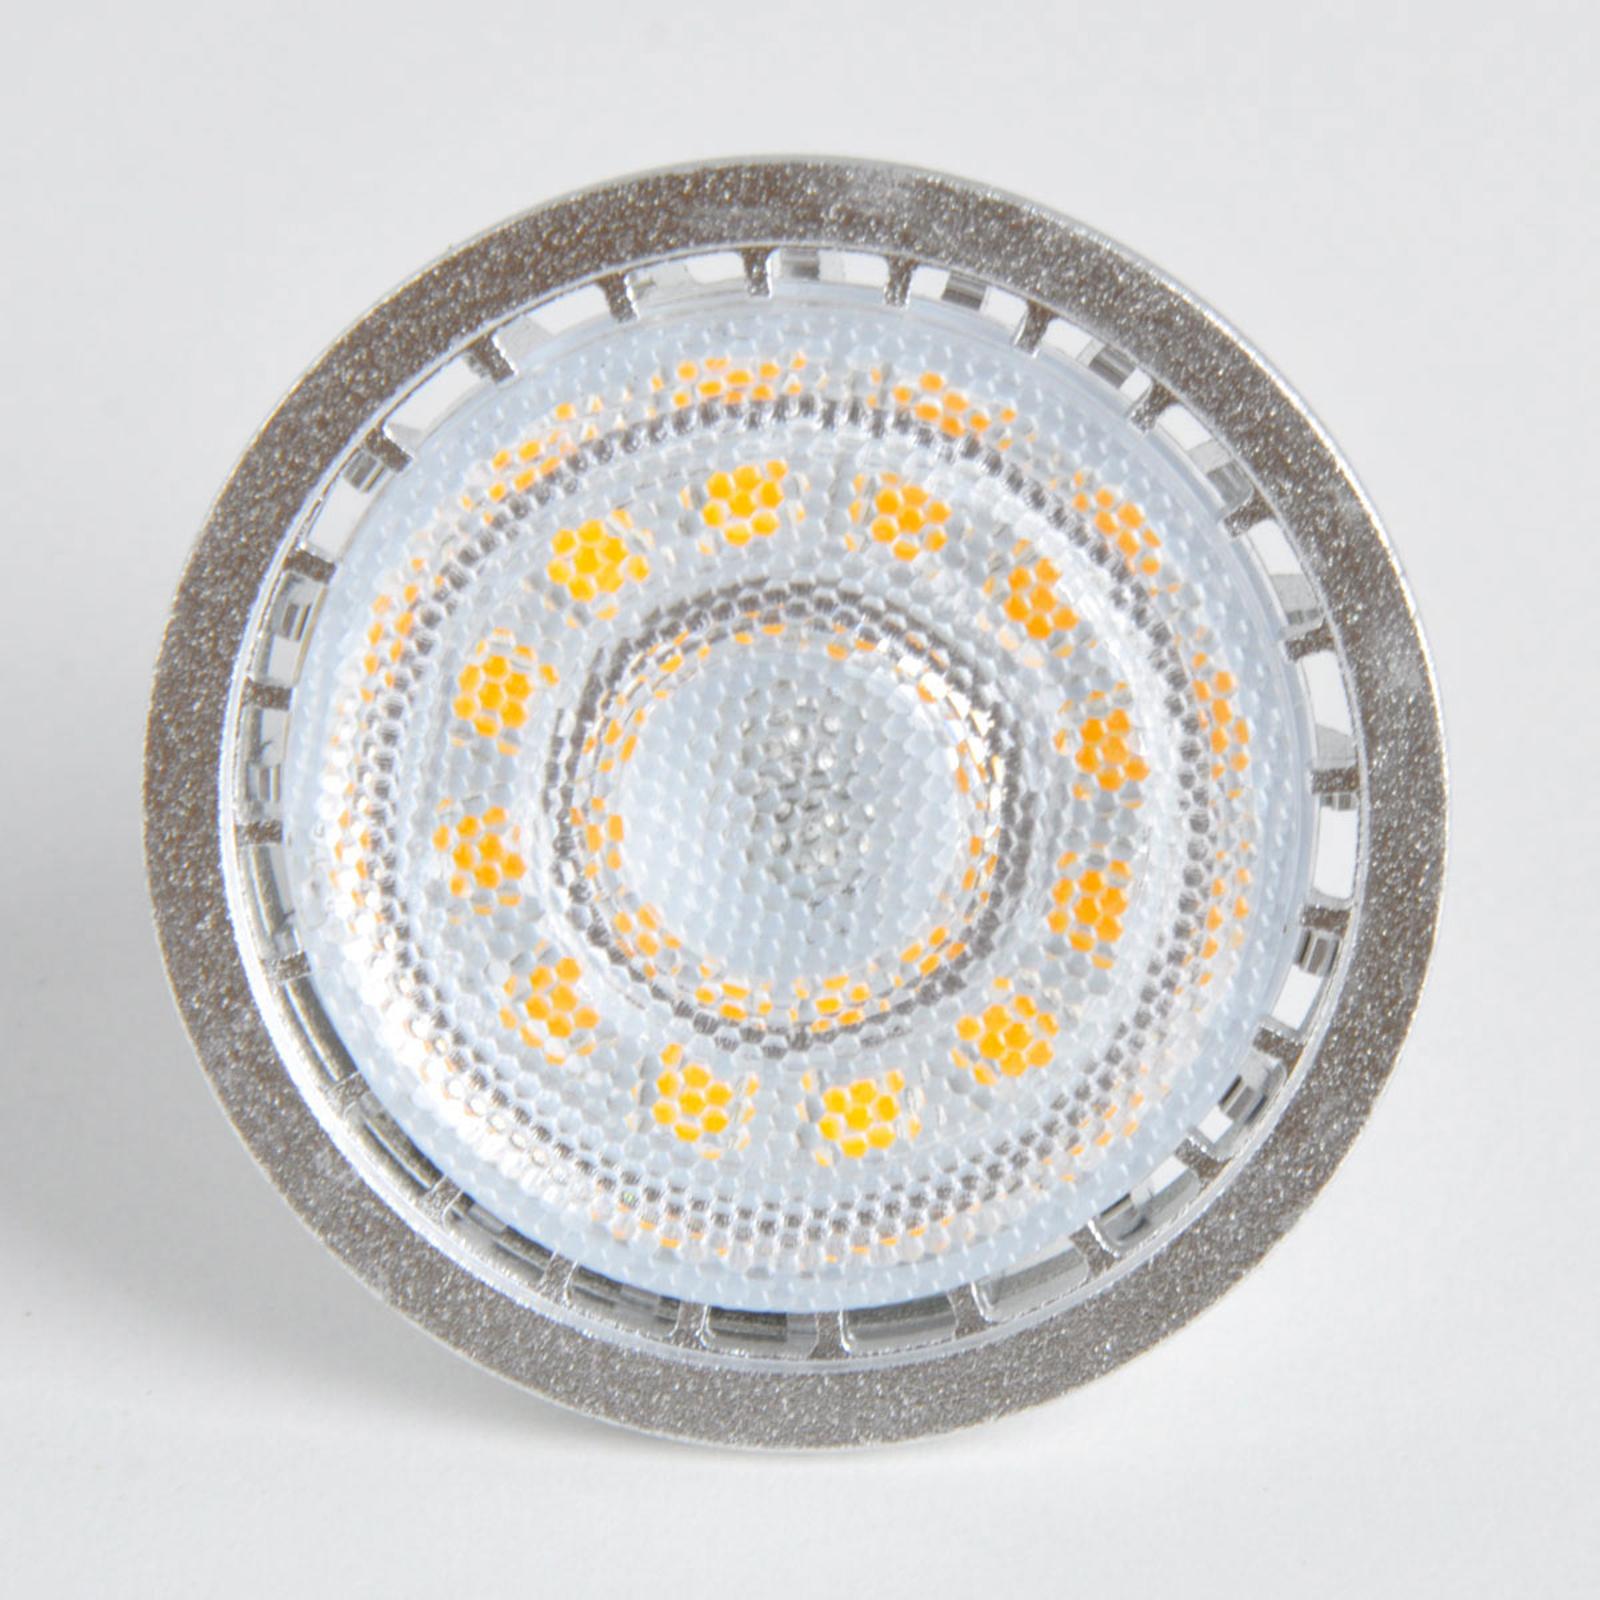 GU10 5W 830 LED-Reflektor 55°